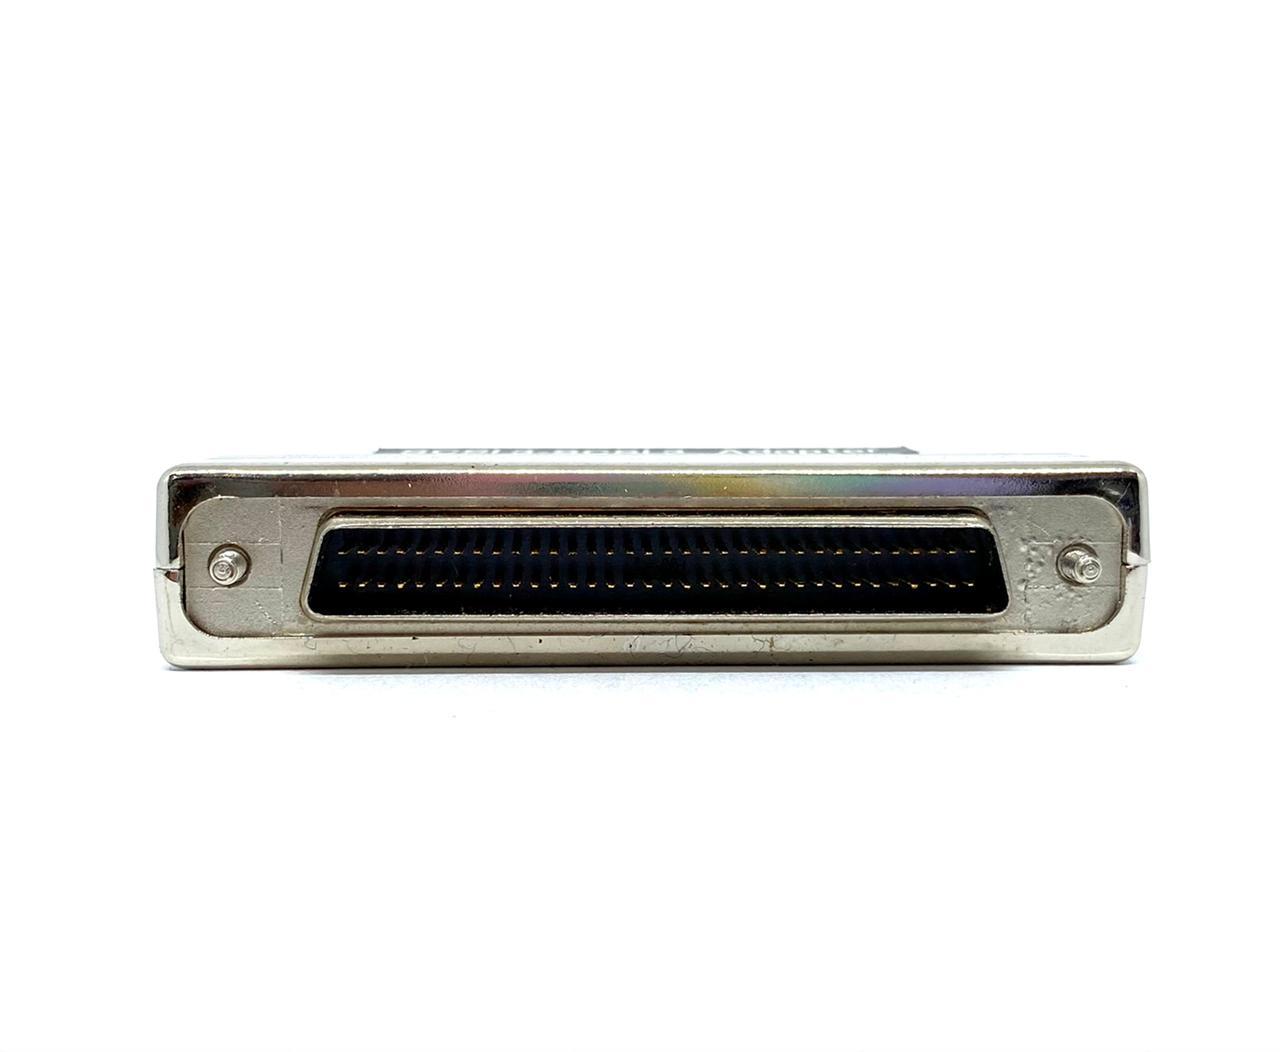 ADAPTADOR SCSI3 MACHO PARA SCSI3 MACHO AS135 (SCSI3M-SCSI3M)